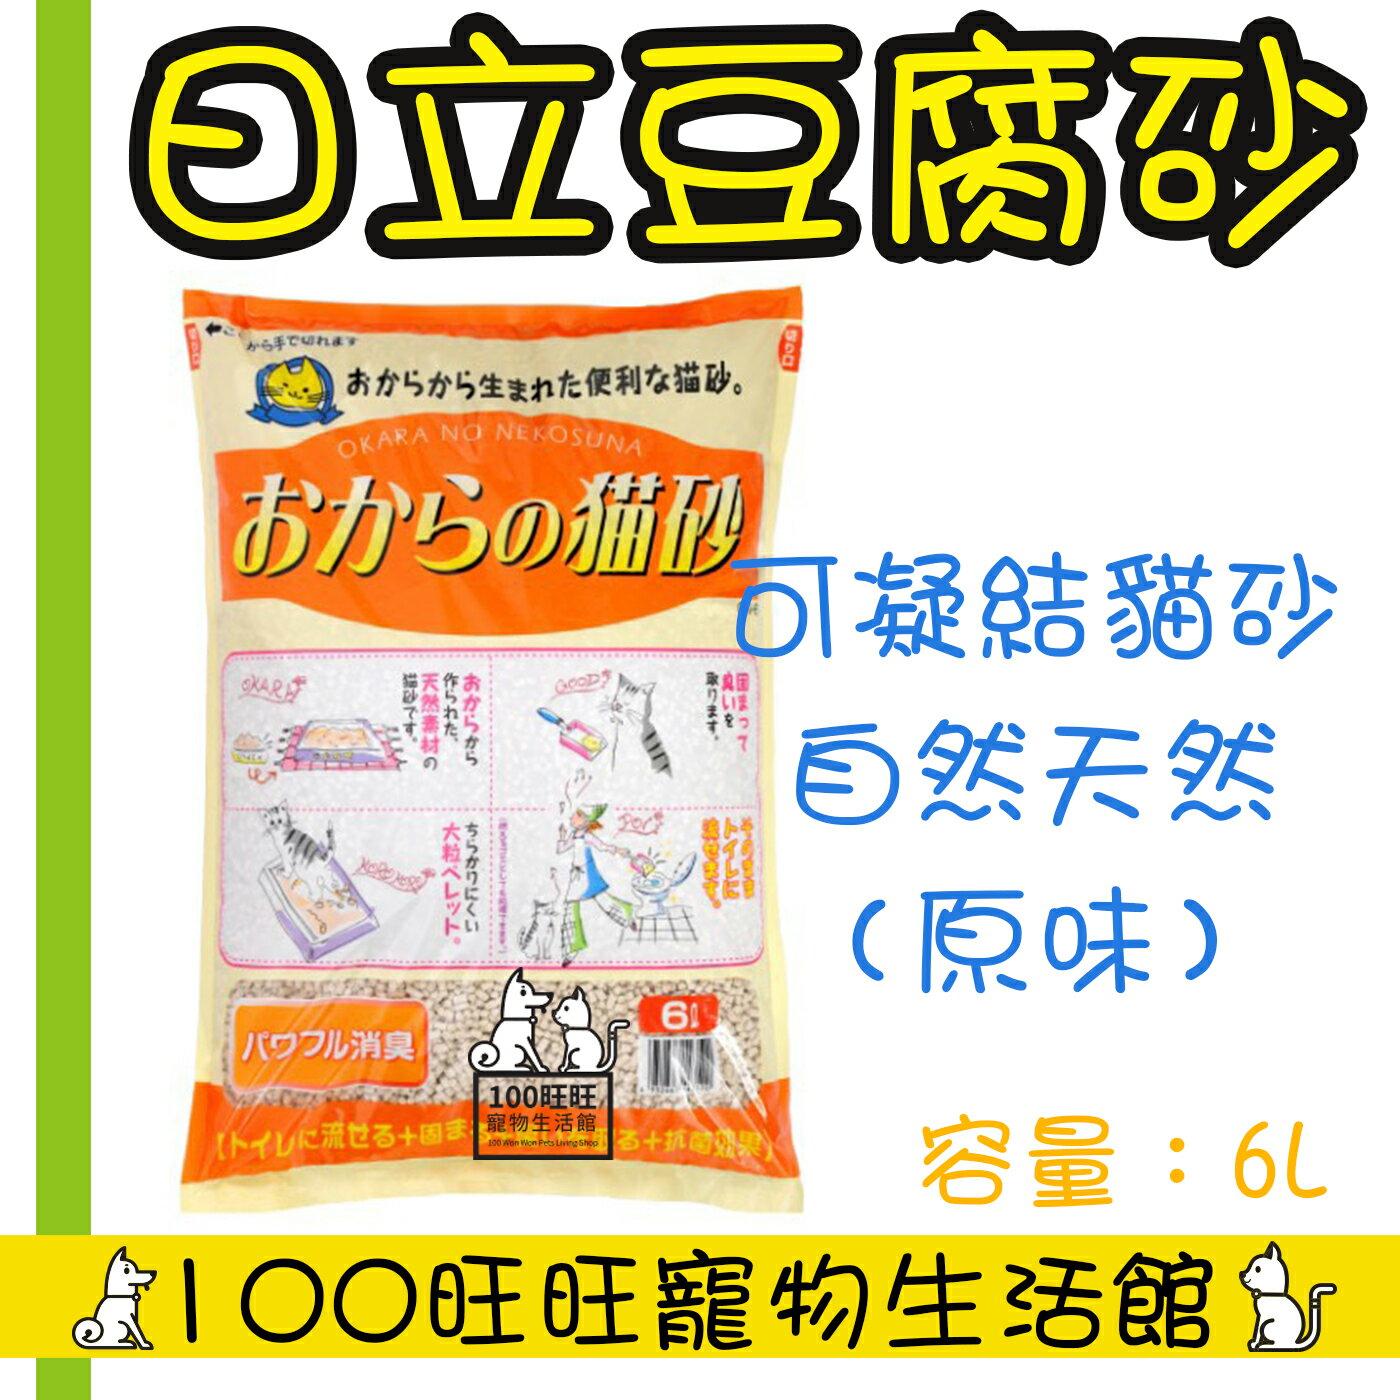 Hitachi日立環保凝結豆腐砂(6L)可凝結貓砂,可水解火焚豆腐貓沙,自然天然(原味)